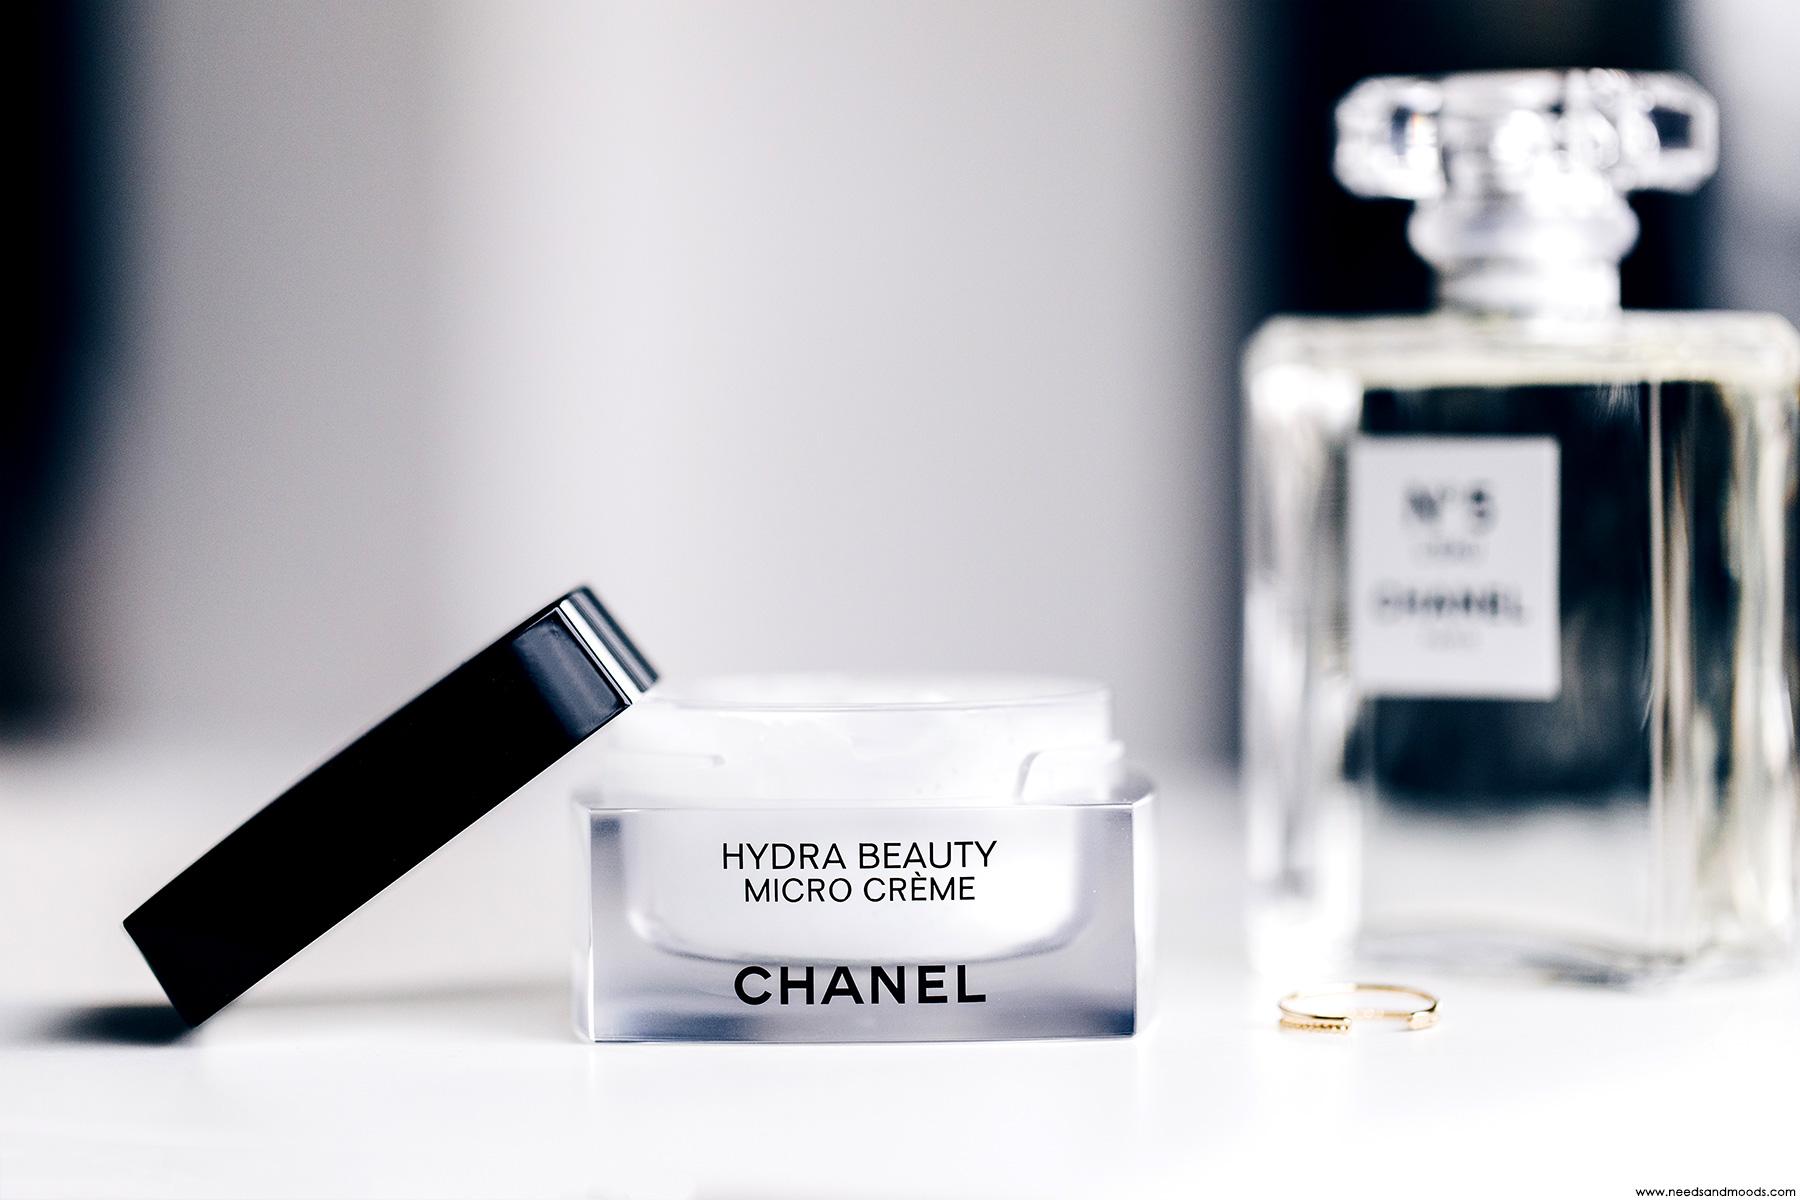 hydra beauty chanel avis